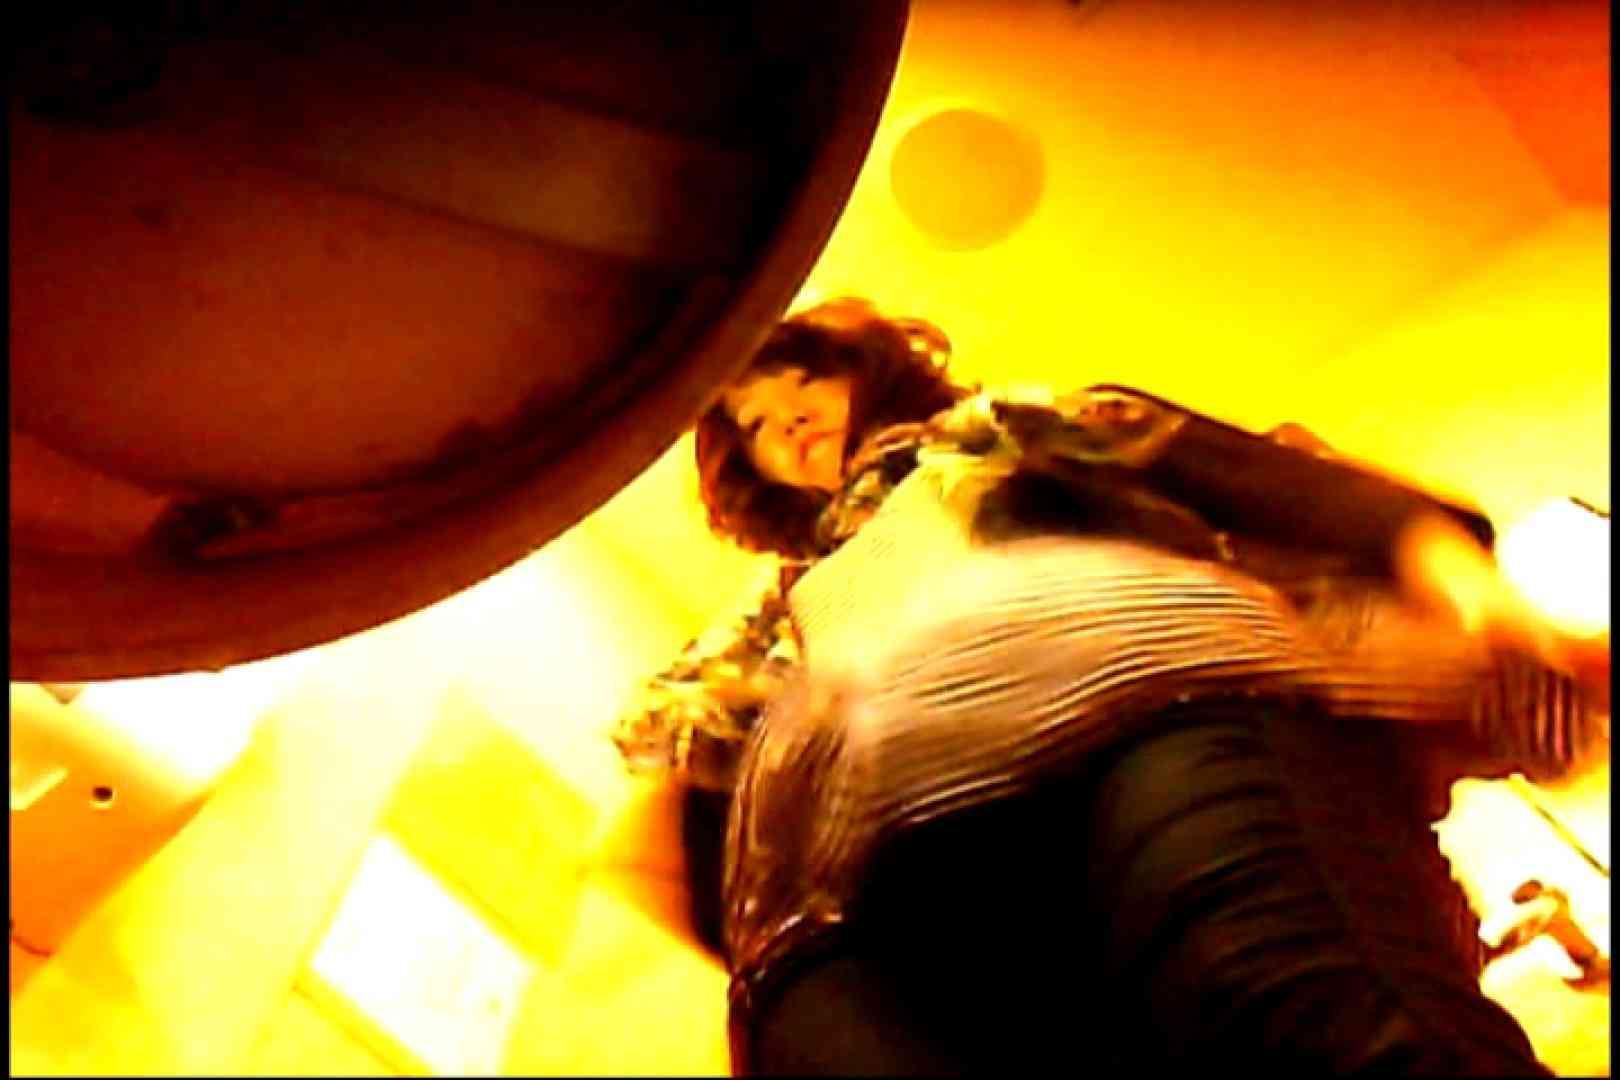 マダムが集まるデパートお手洗い Vol.12 OLのボディ オマンコ動画キャプチャ 86PIX 20